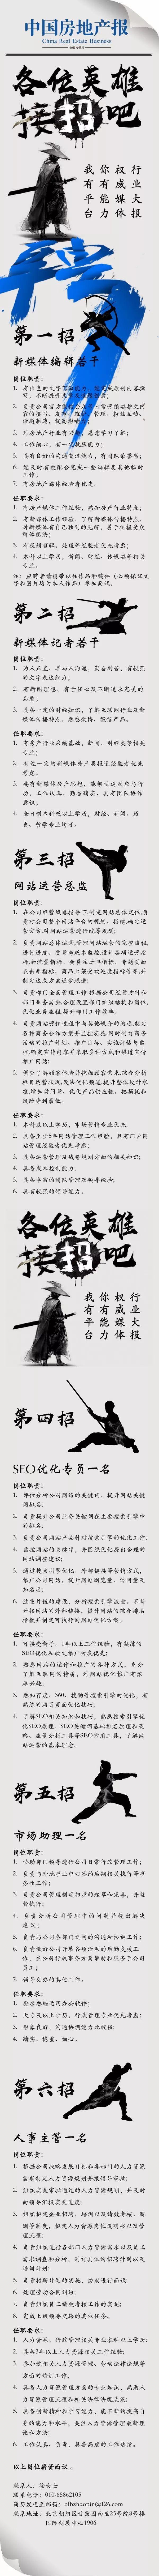 天下英雄_中國房地產報廣招天下英雄